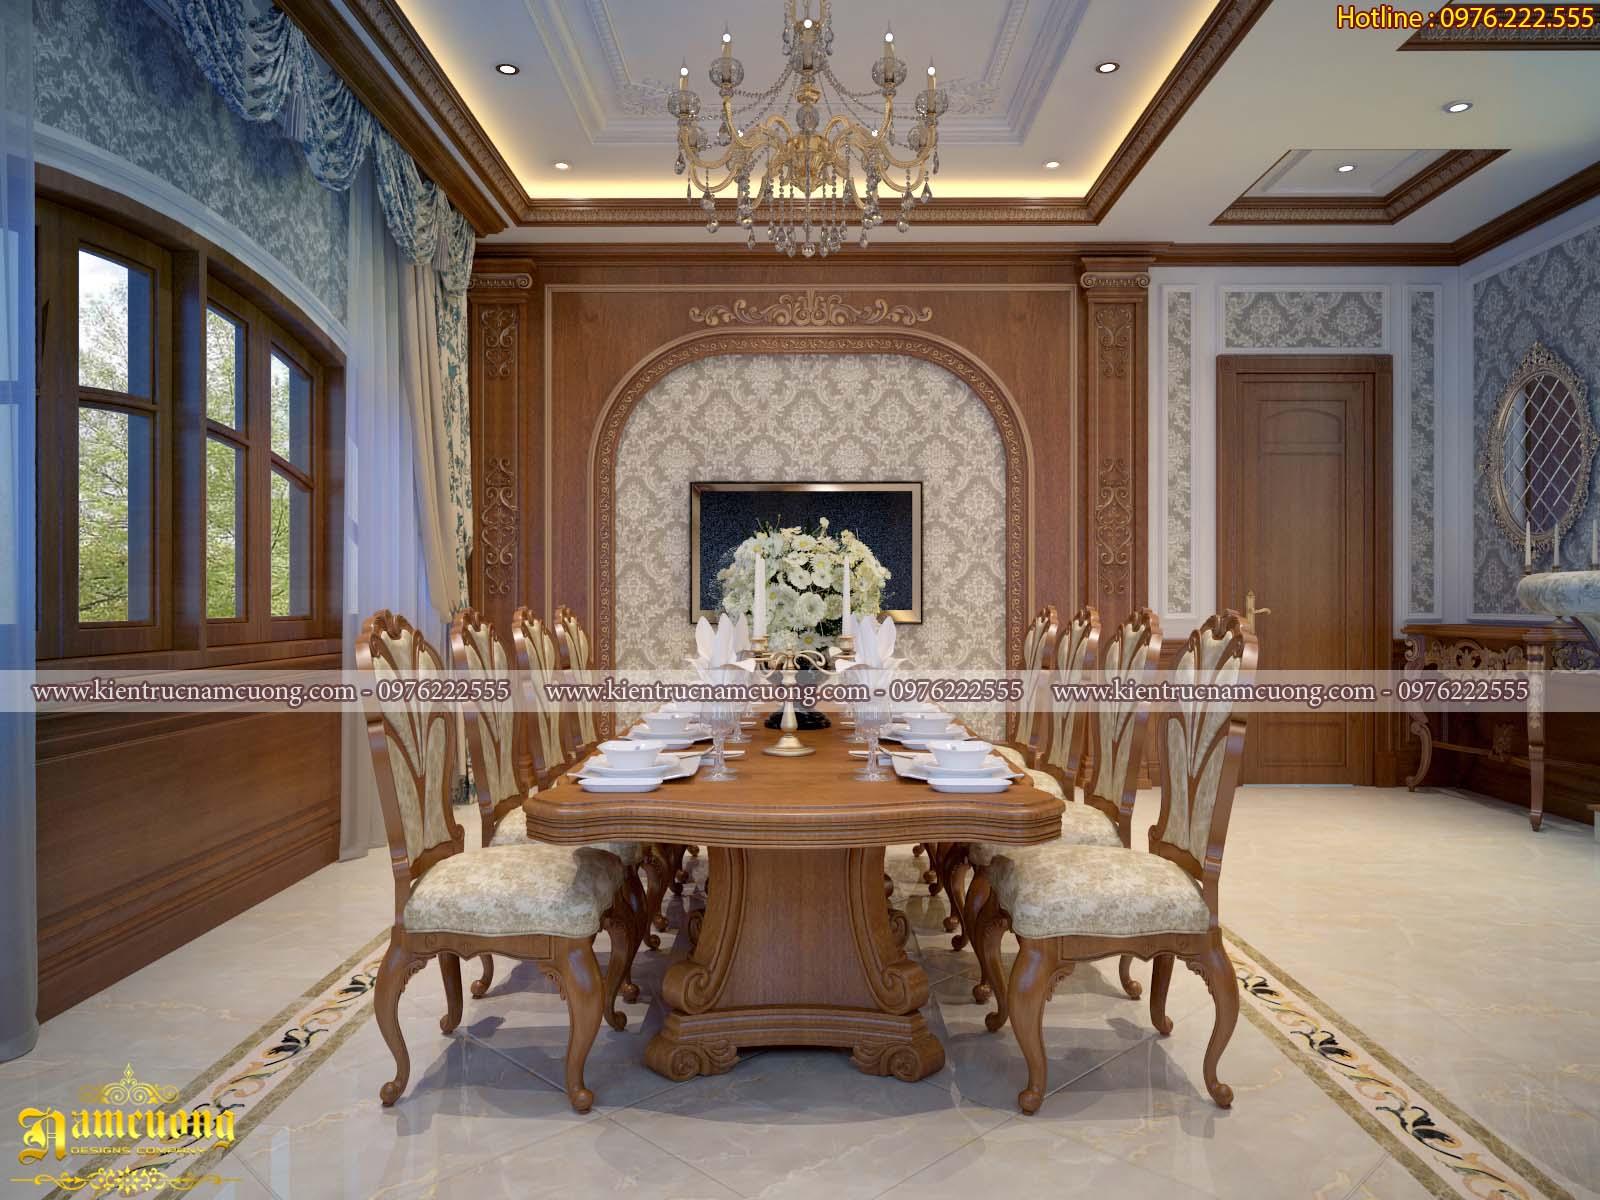 Mẫu thiết kế nội thất biệt thự tân cổ điển đẹp tại Hà Nội - NTBTCD 055